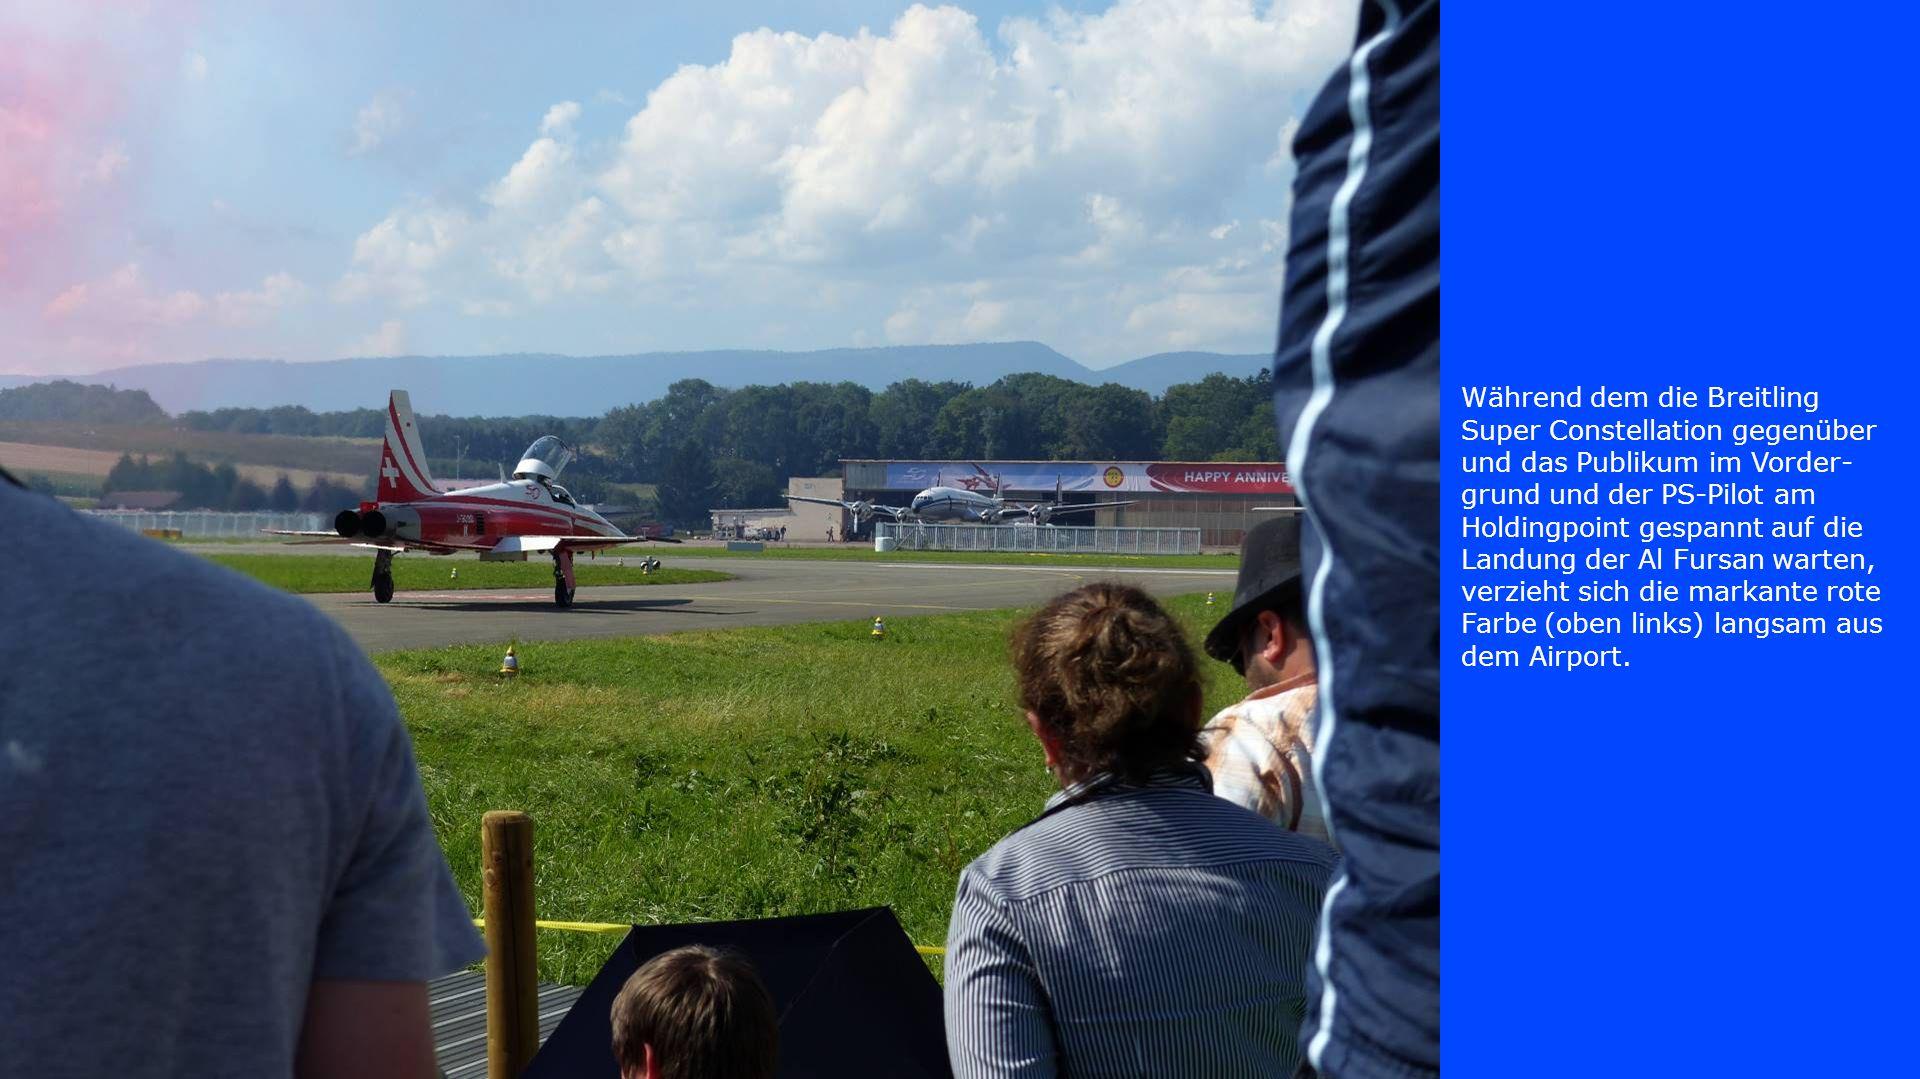 Während dem die Breitling Super Constellation gegenüber und das Publikum im Vorder-grund und der PS-Pilot am Holdingpoint gespannt auf die Landung der Al Fursan warten, verzieht sich die markante rote Farbe (oben links) langsam aus dem Airport.